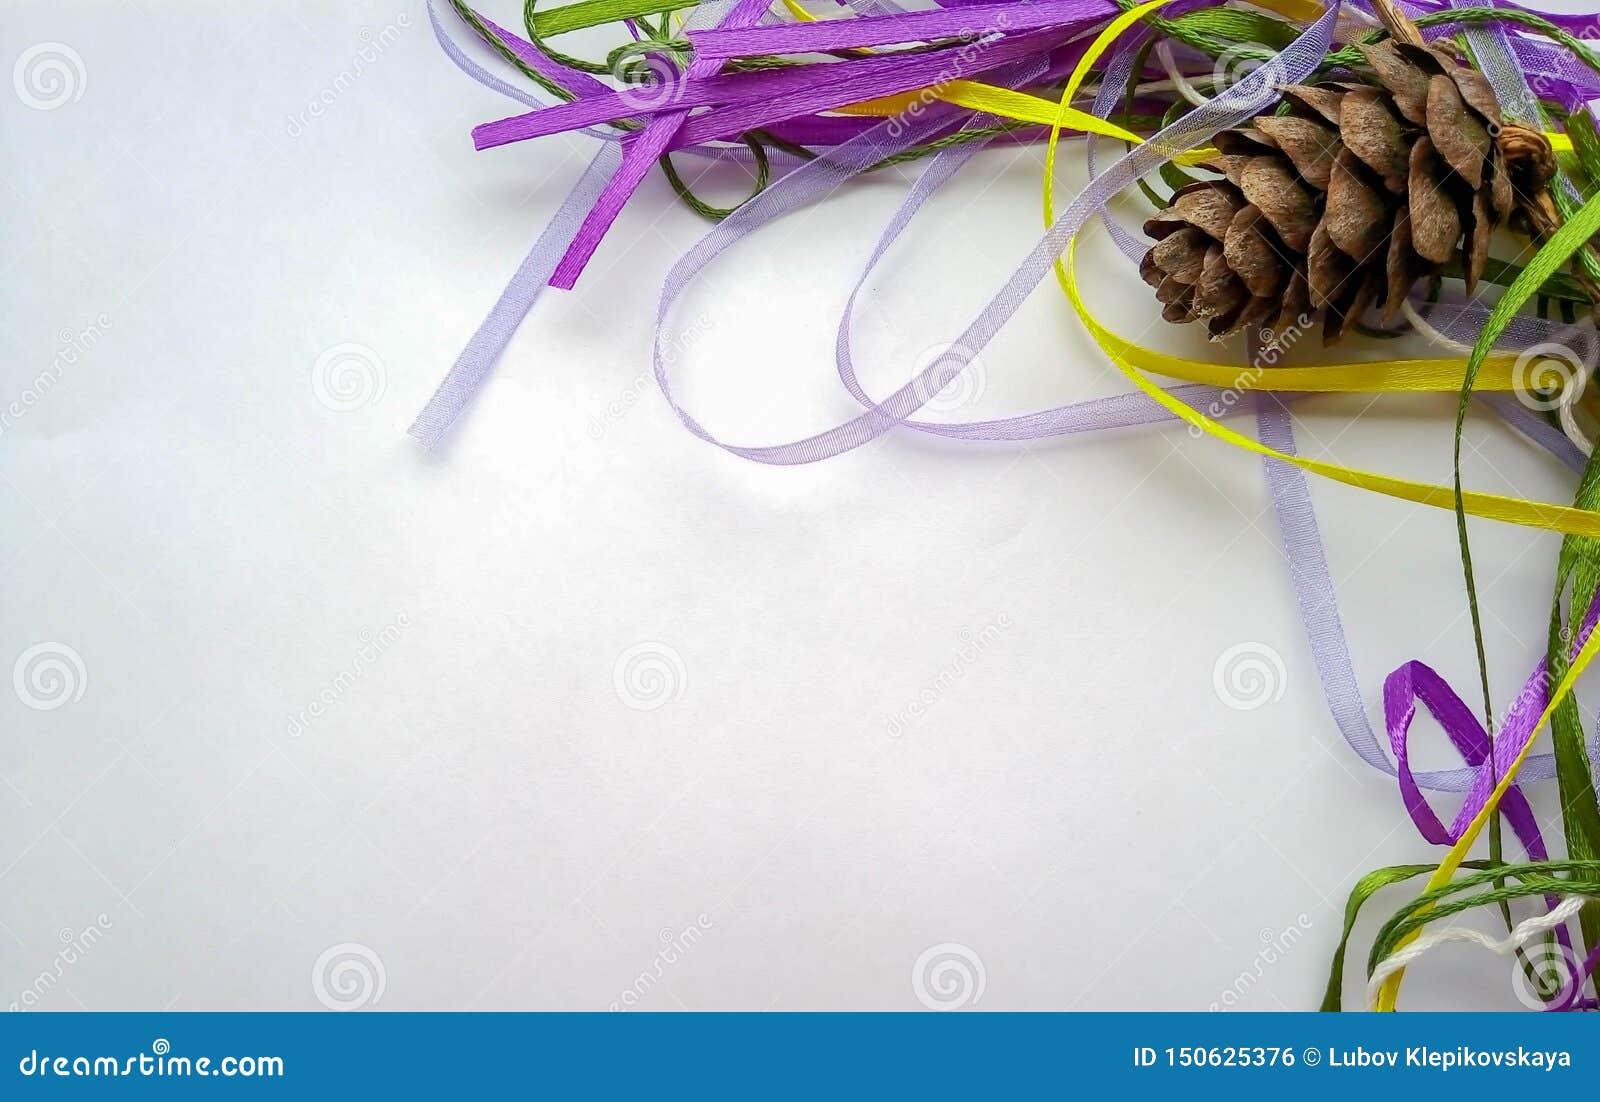 新年爆沸的背景与丝带